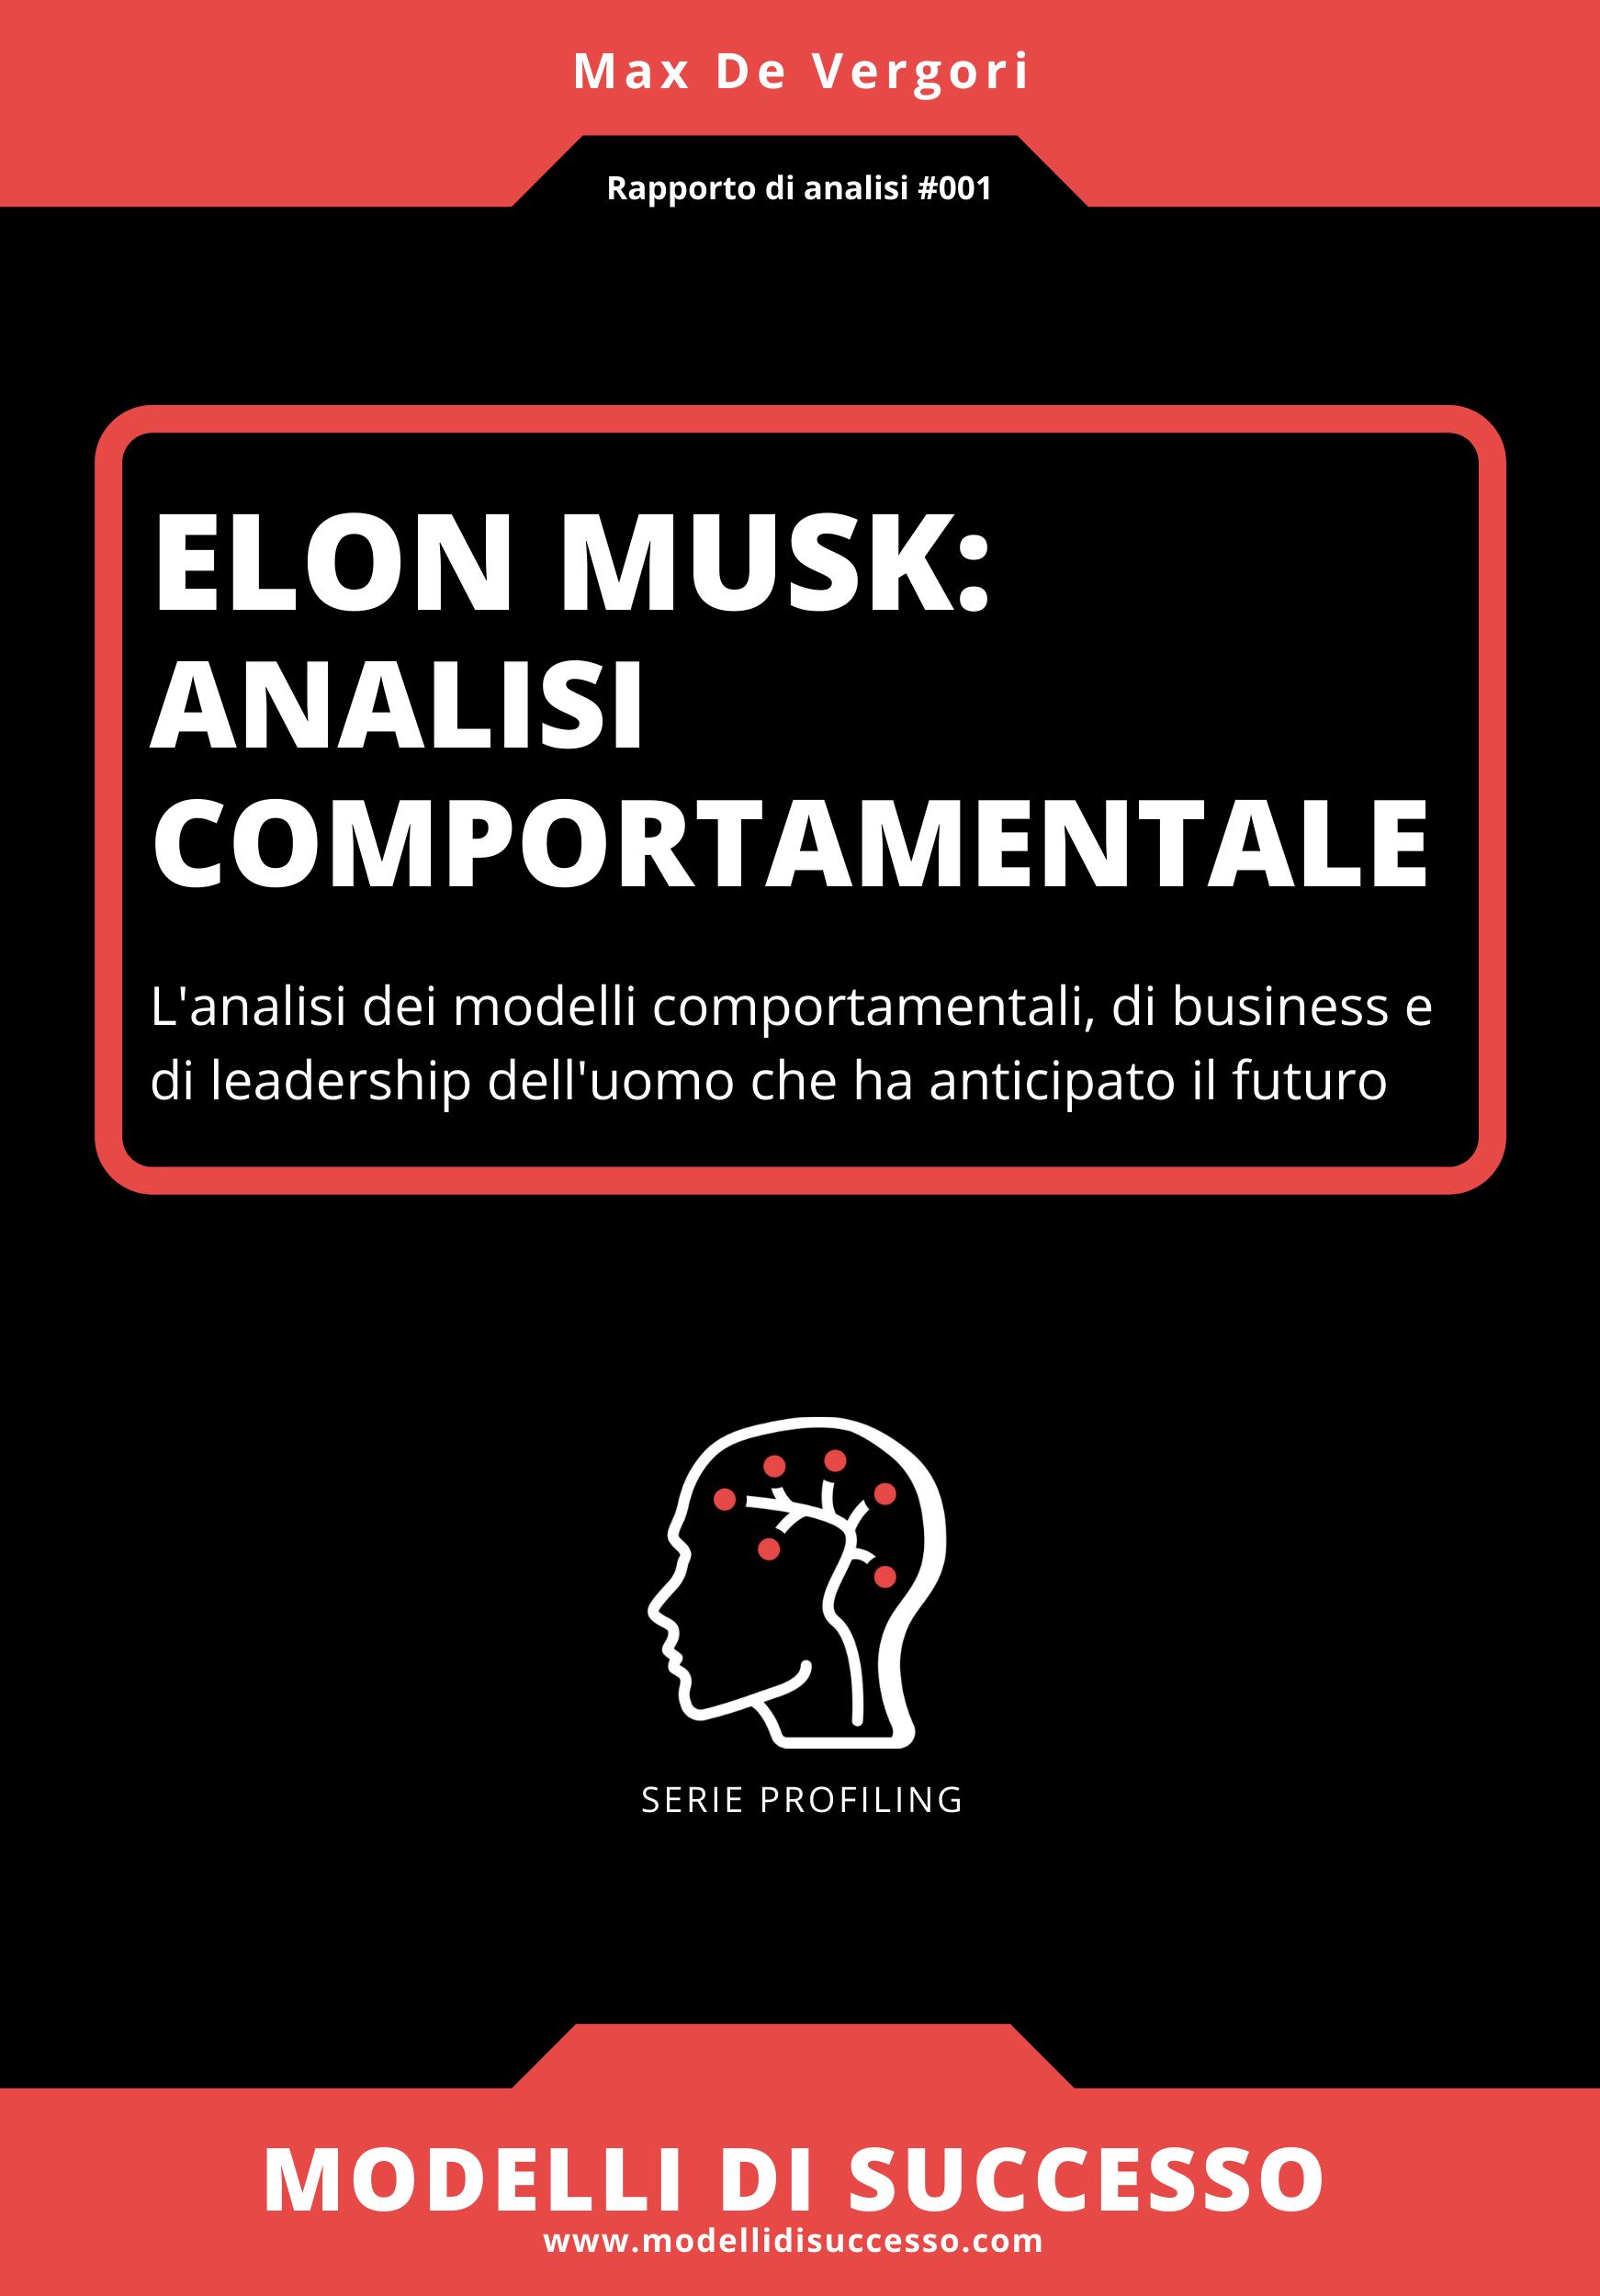 Elon Musk - Rapporto analisi comportamentale